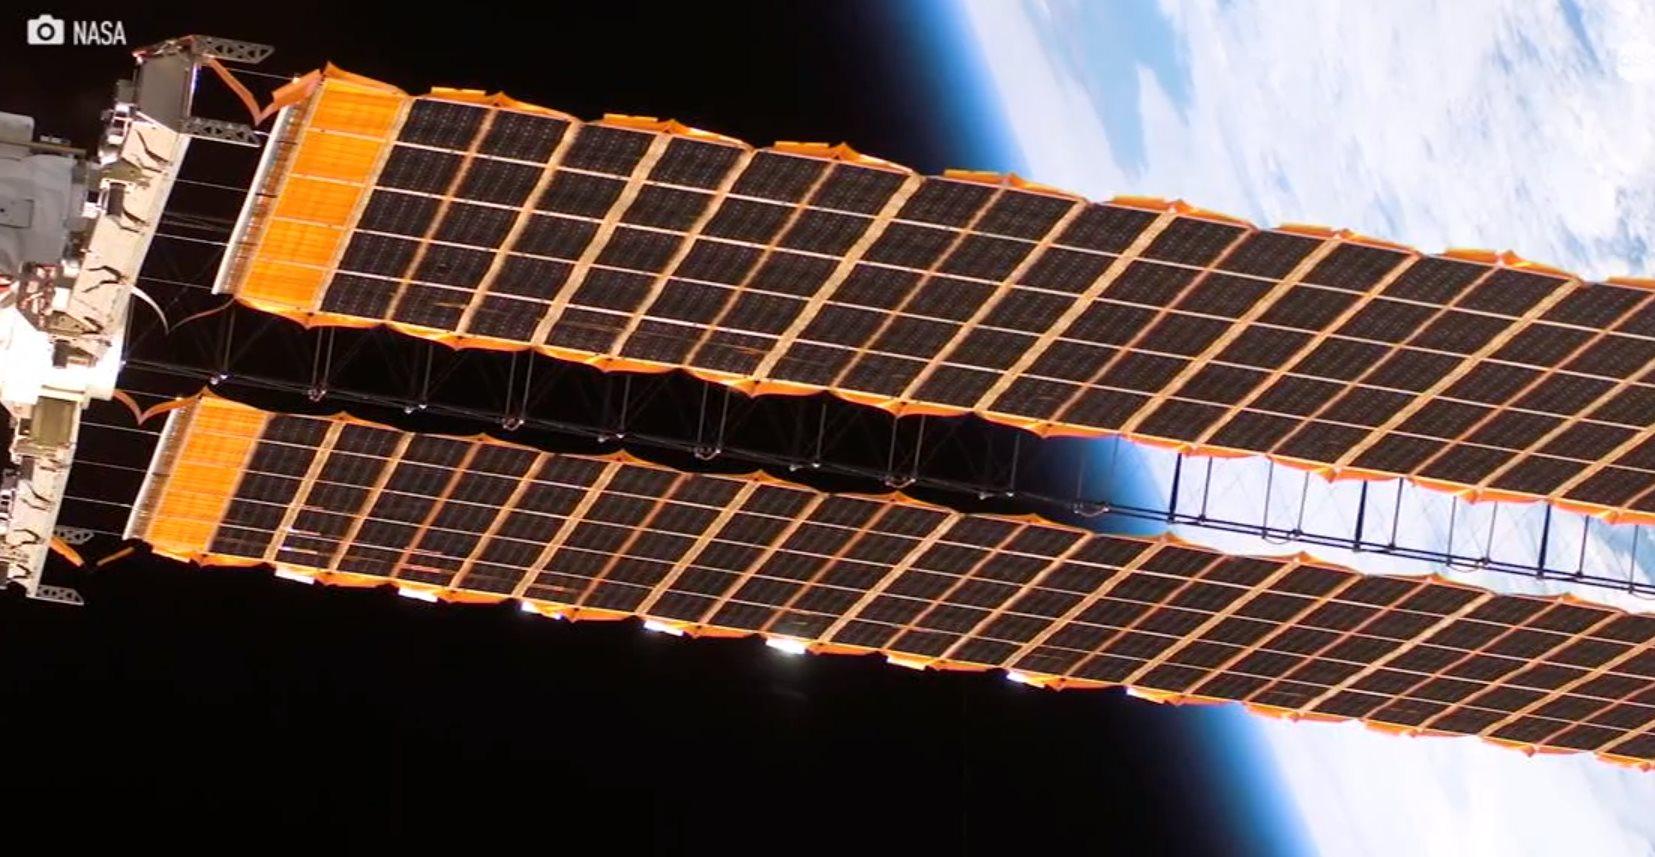 Células solares en aerosol para fabricar paneles solares en el espacio